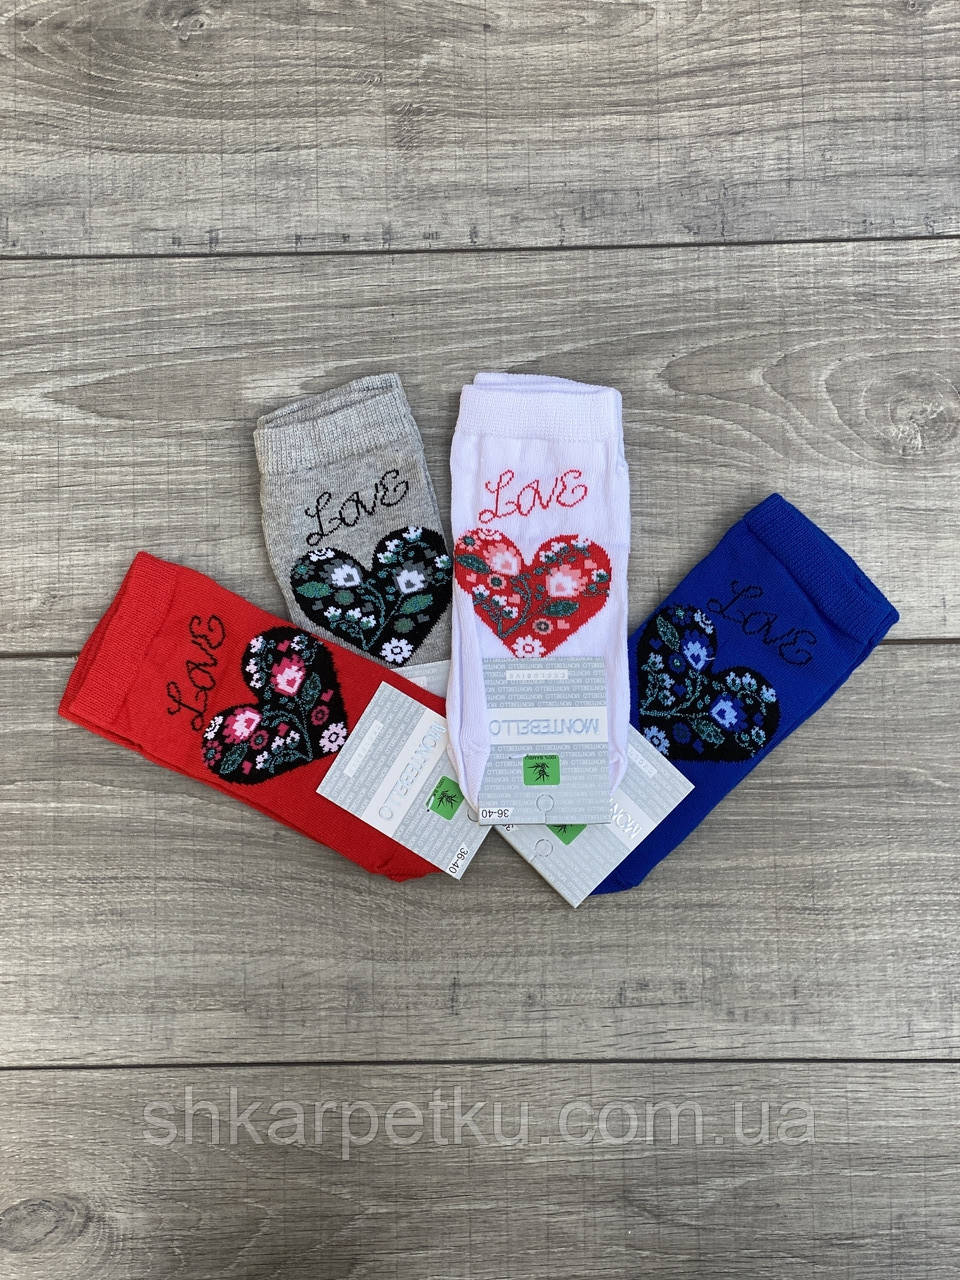 Шкарпетки жіночі Montebello, шкарпетки короткі з написом LOVE з серцем в квіти, 36-40 12 шт в уп. мікс 4 кольорів